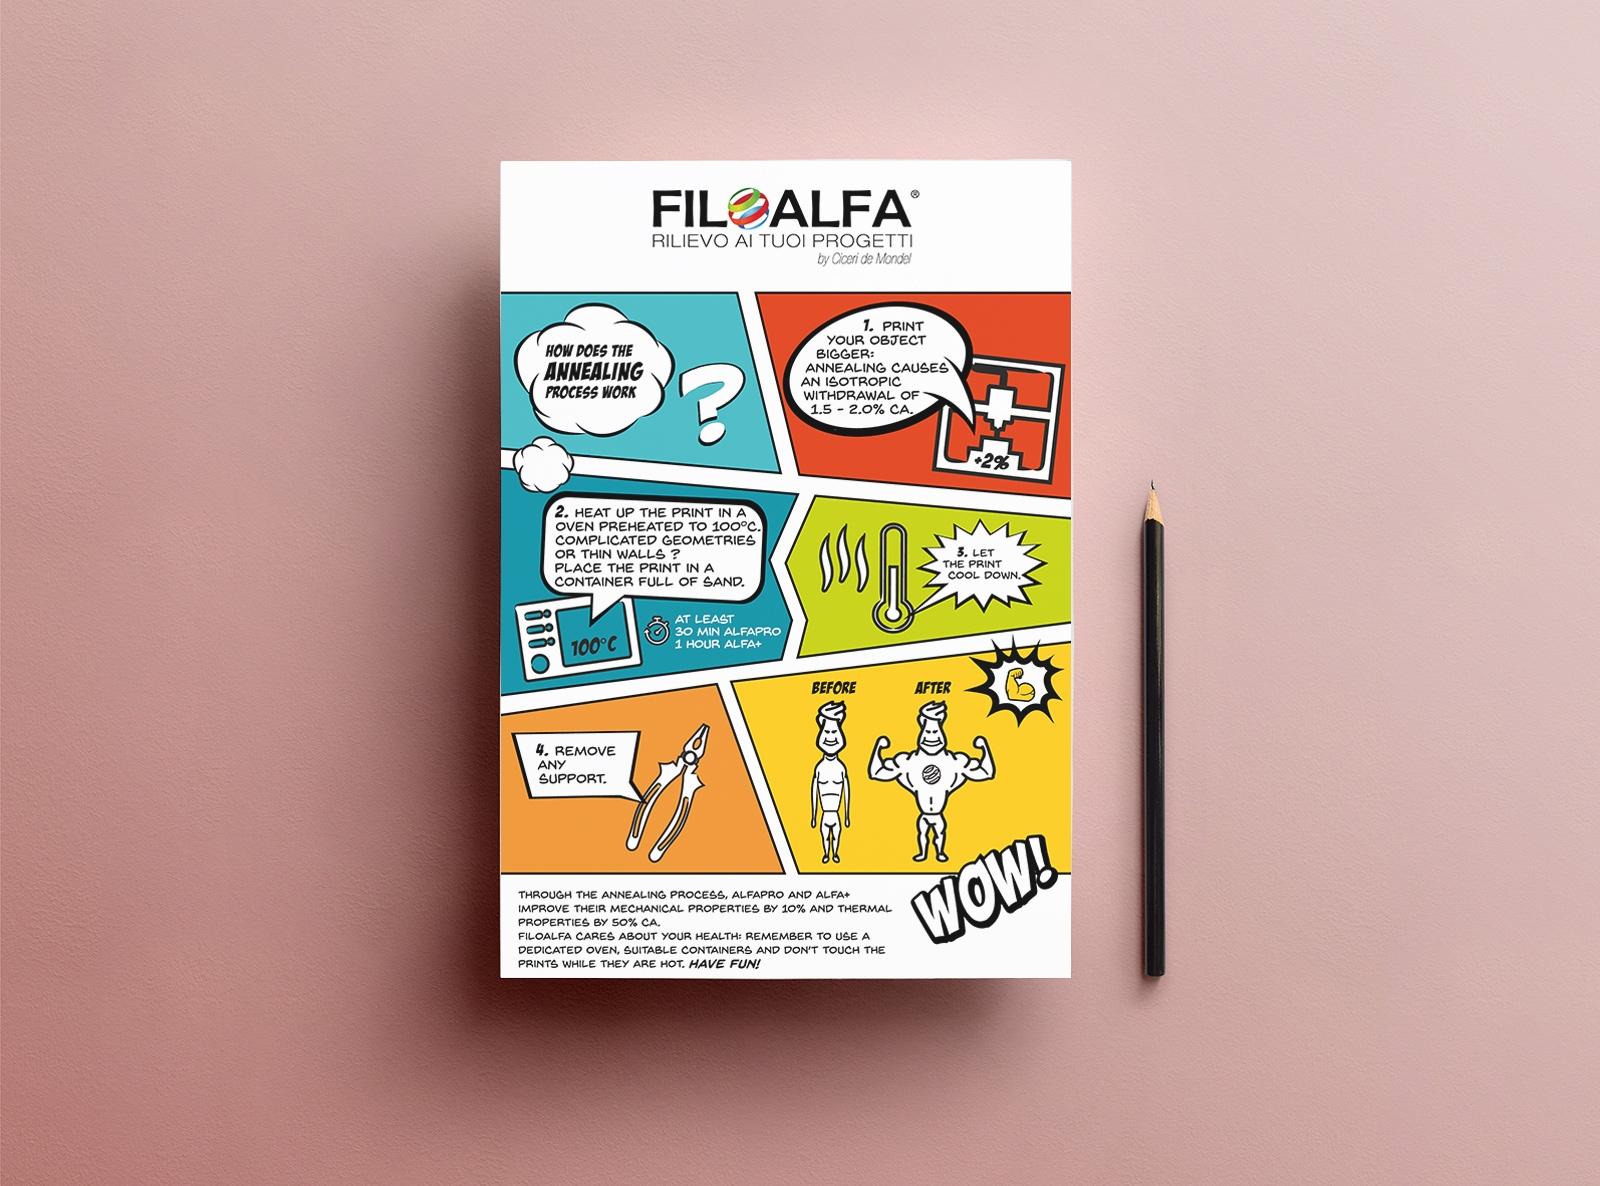 Volantino Filoalfa annealing